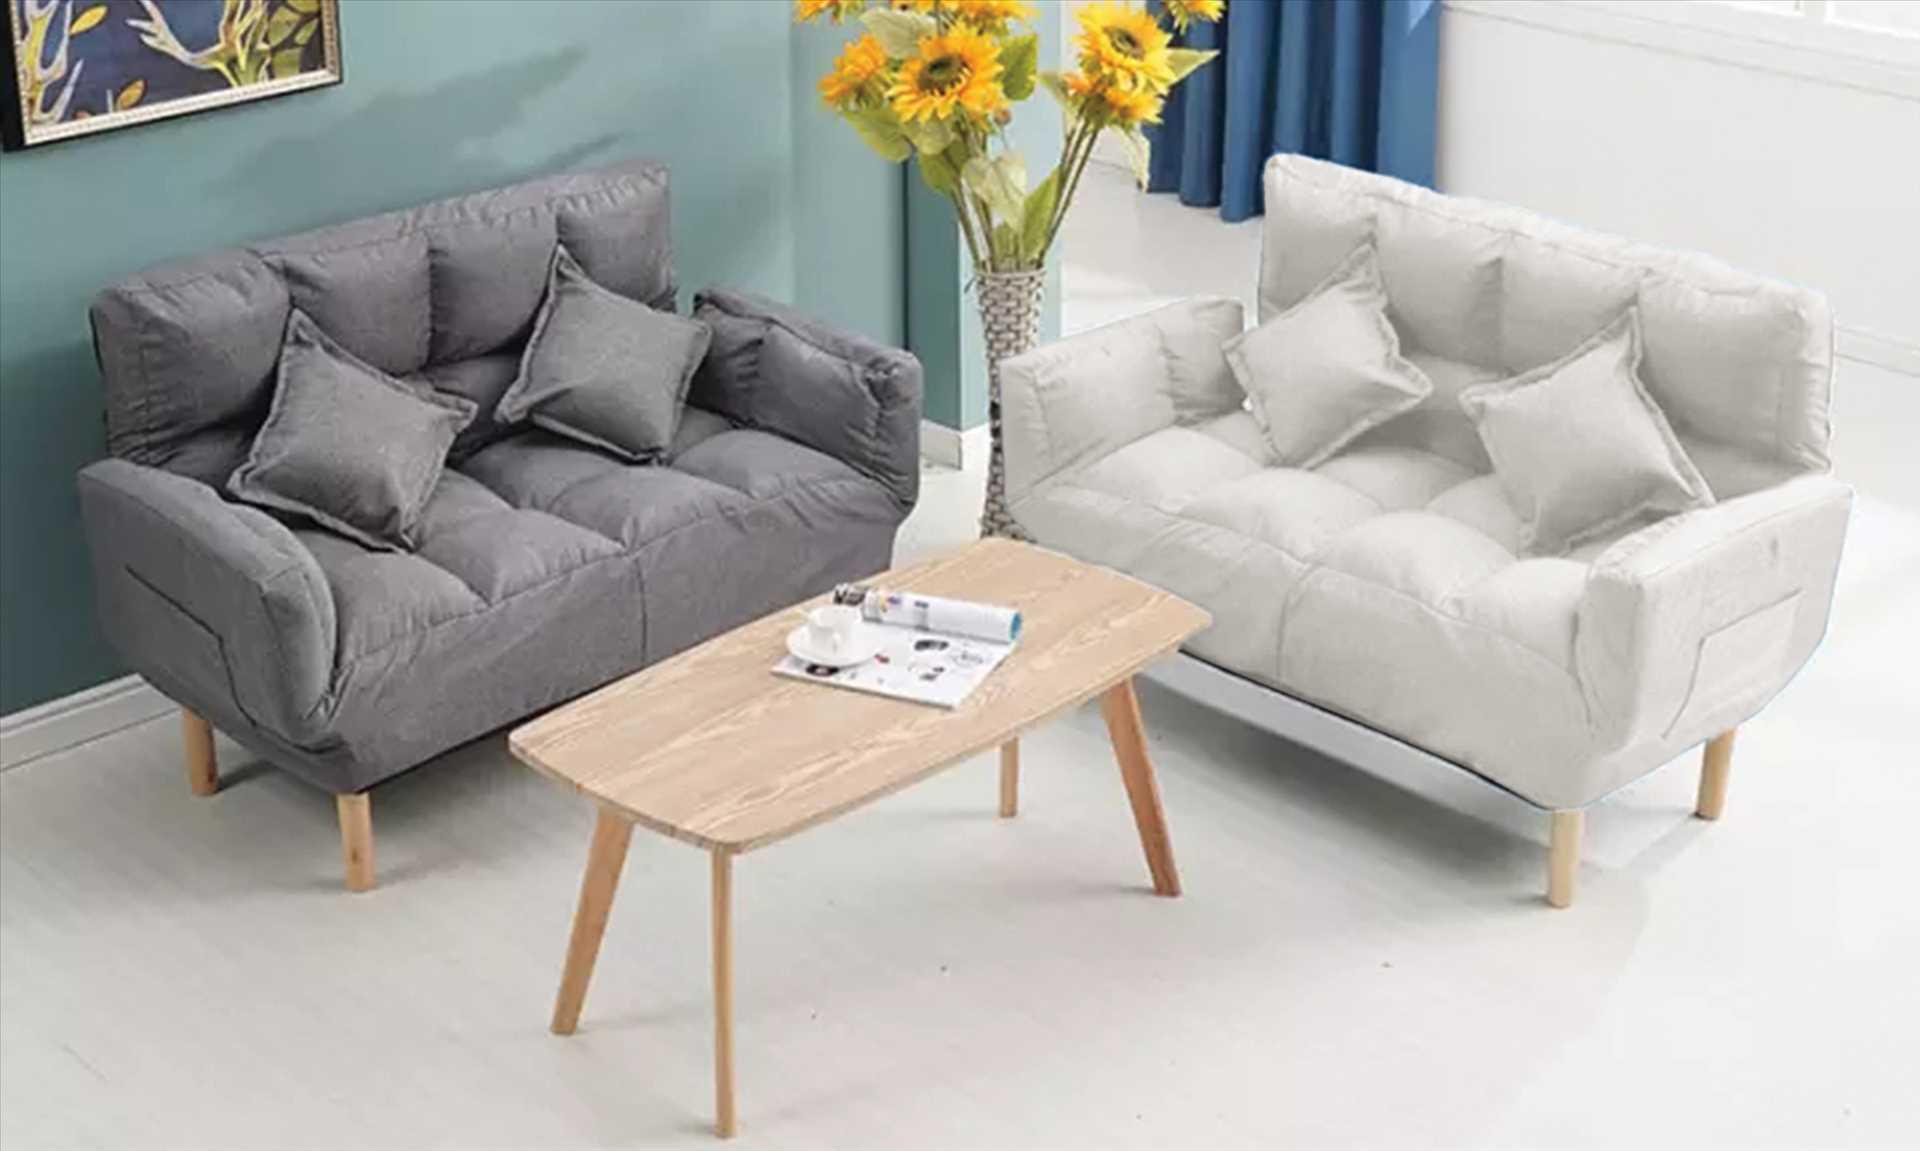 ספה זוגית דגם NEW BERRY צבע בז' מבית MY CASA - תמונה 1